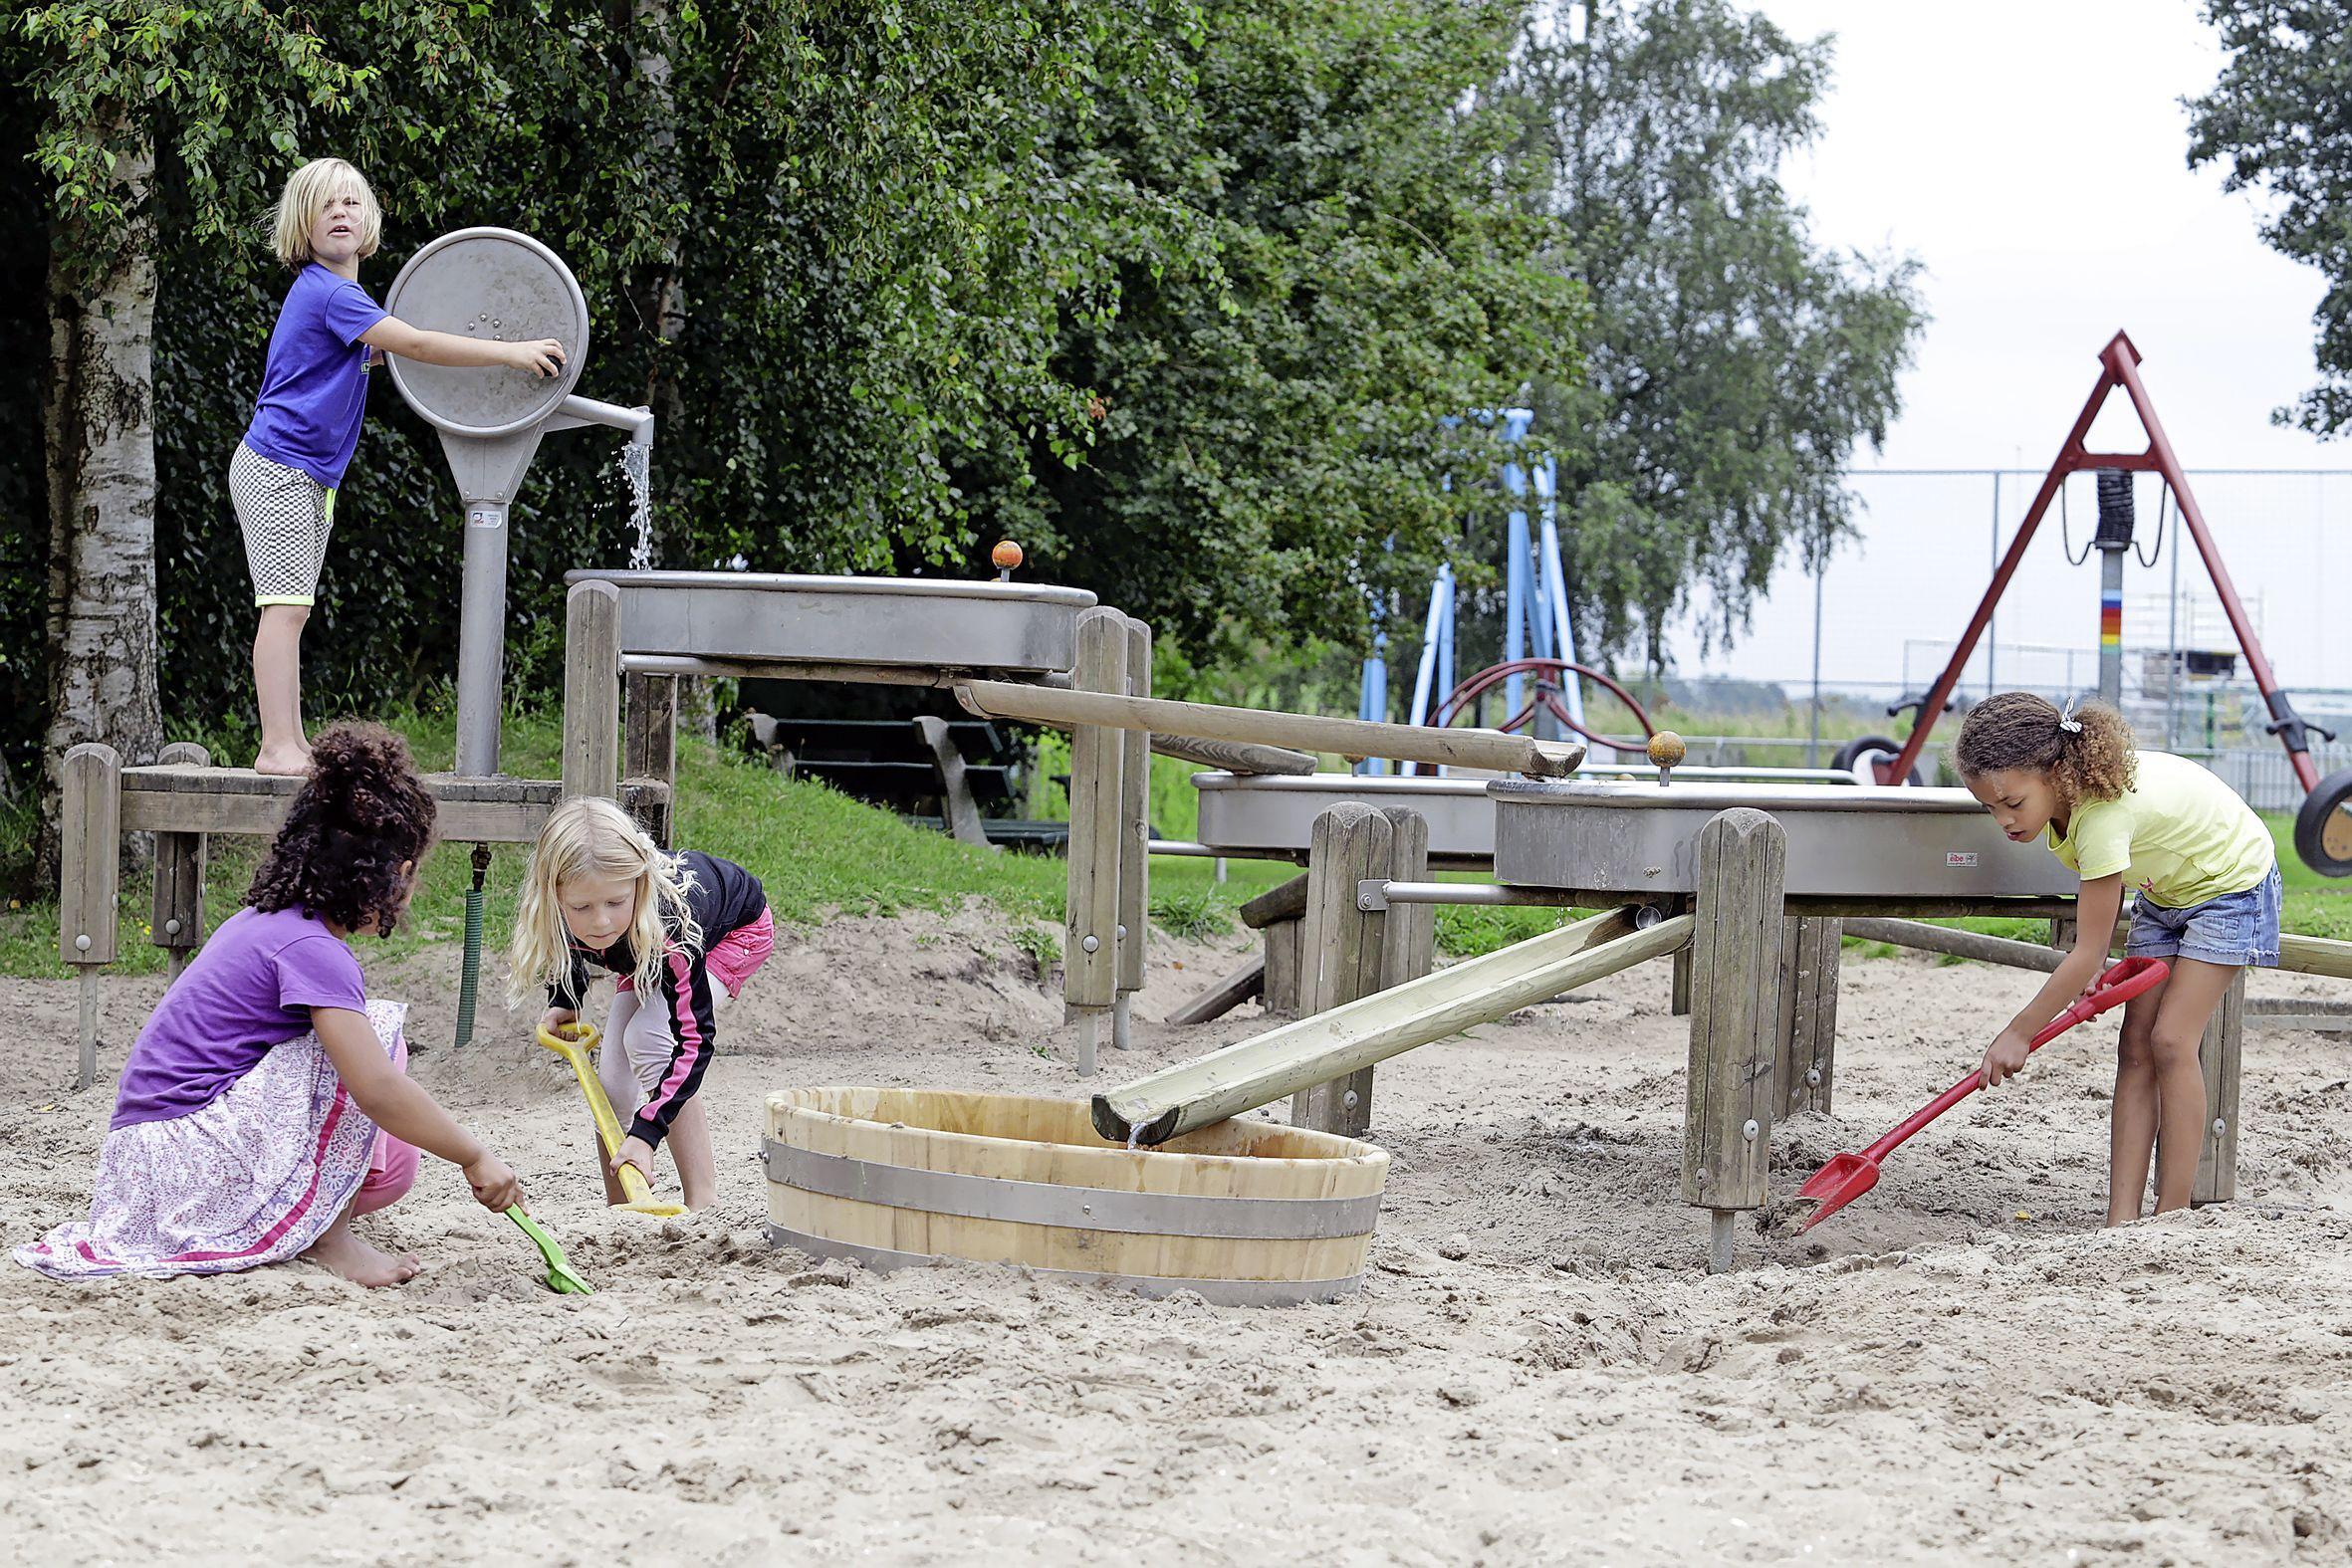 Lions Gooise Meren steunen speeltuin Don Bosco in Weesp en Stichting Voor Mekaar in Baarn